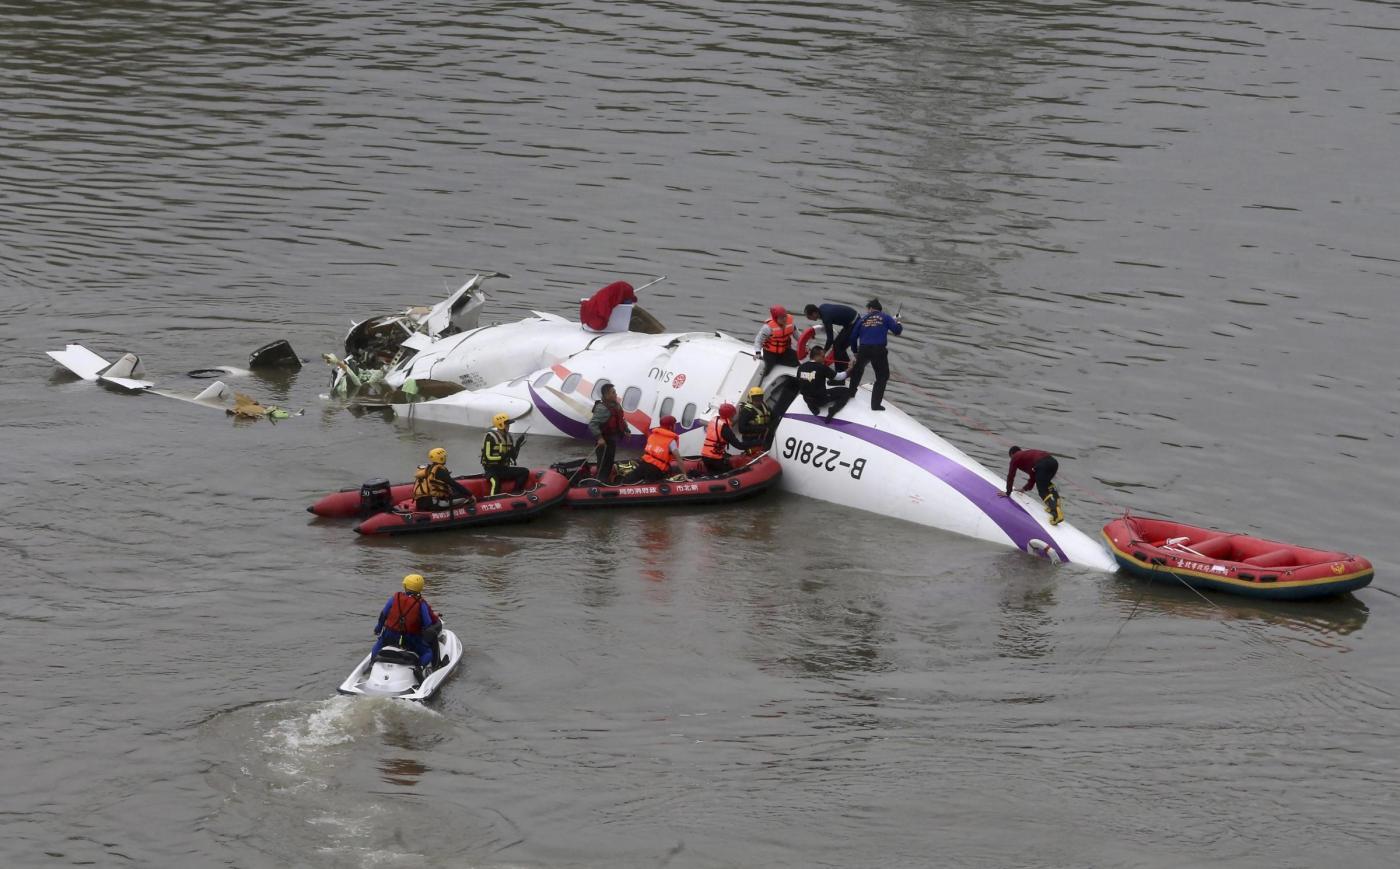 Disastro aereo a Taiwan, 23 morti: soccorsi in diretta